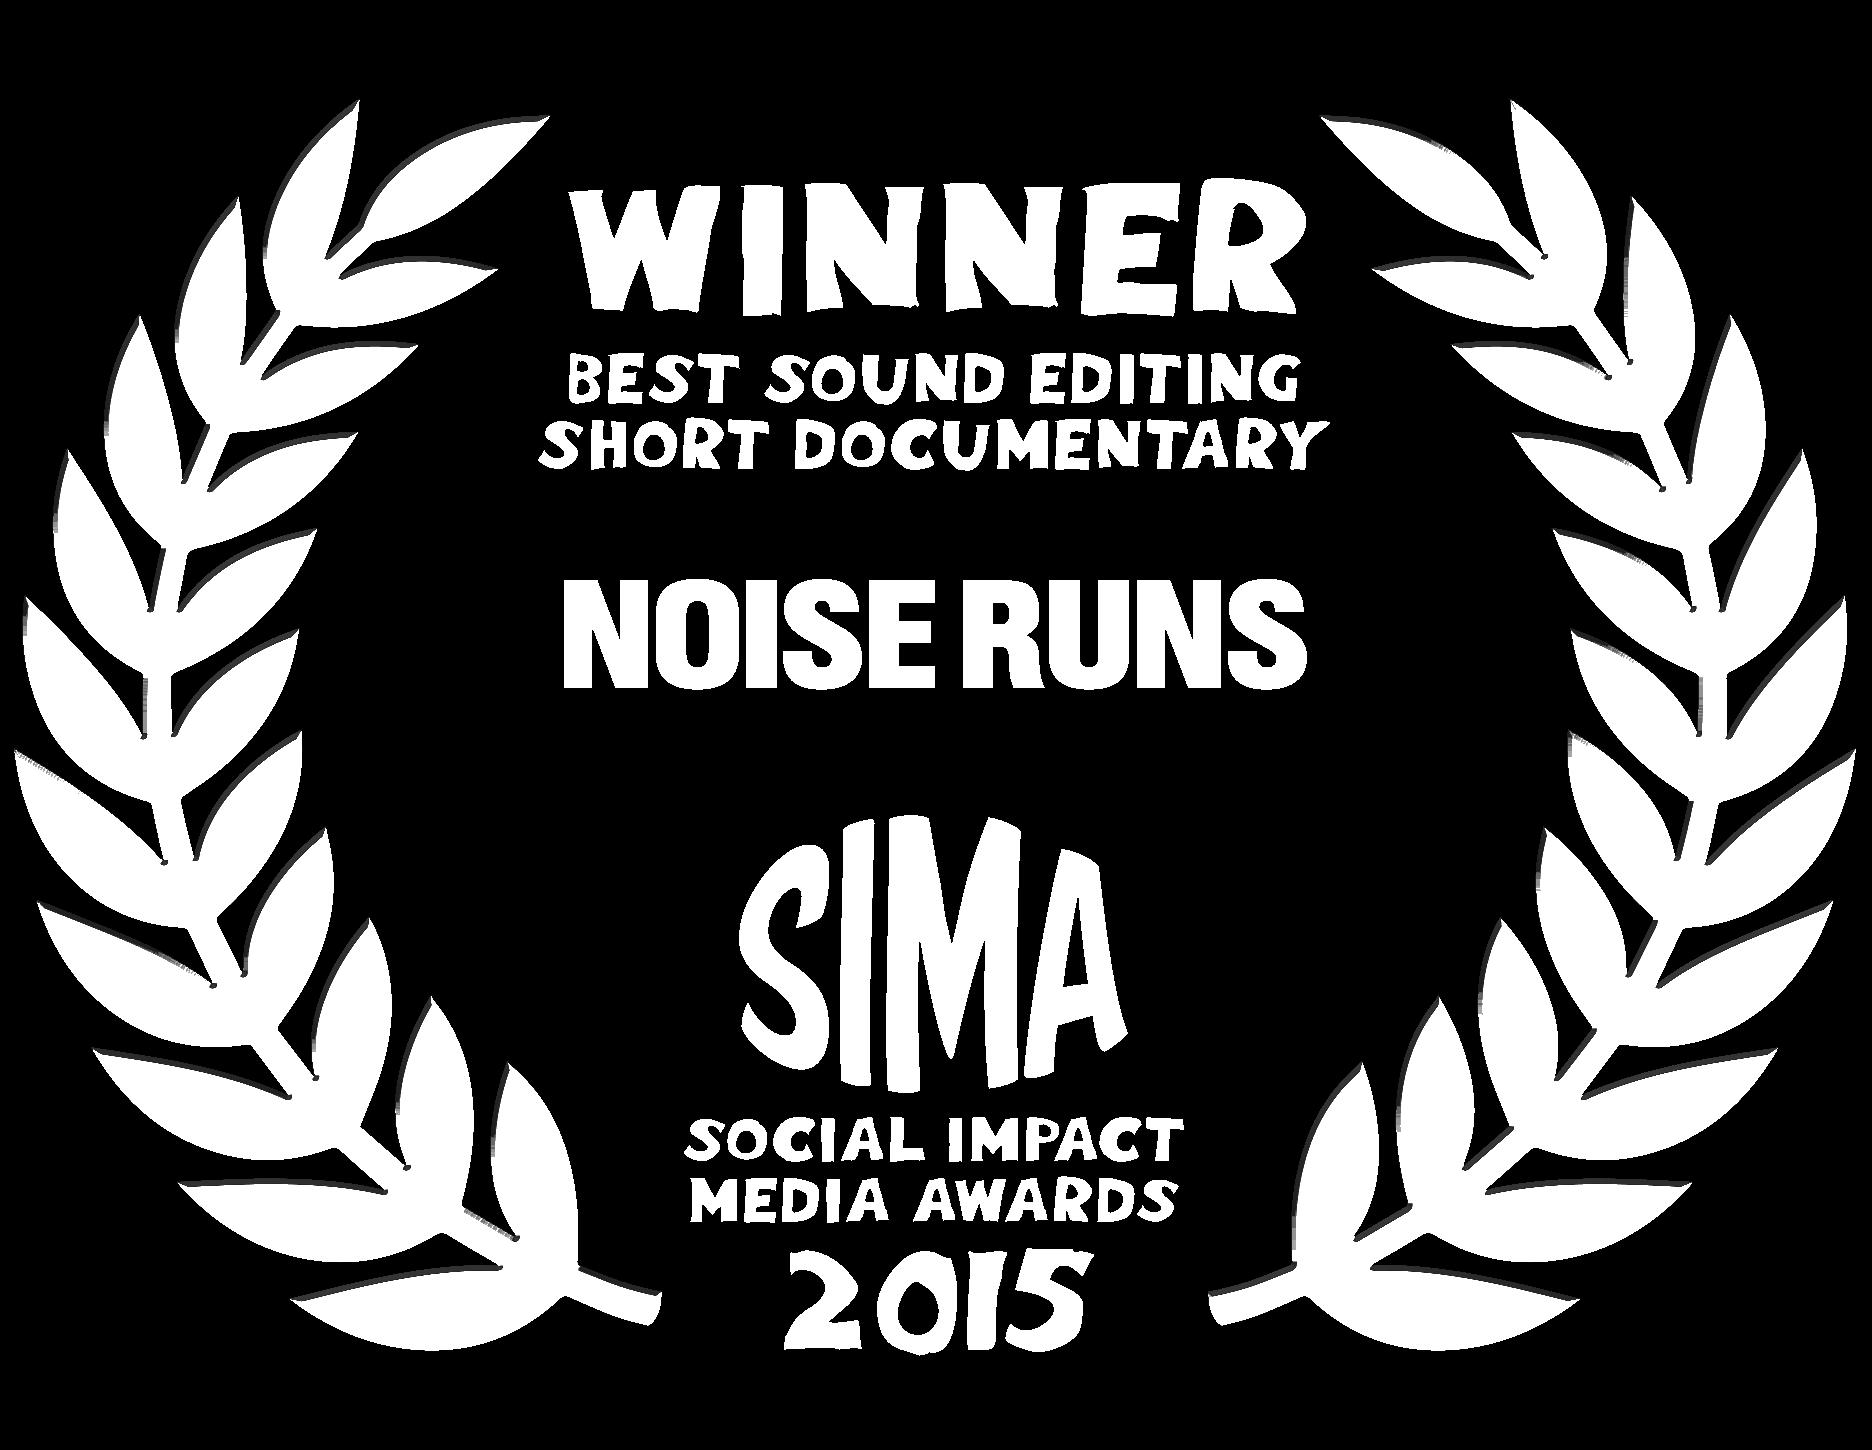 NOISE RUNS_BEST SOUND EDITING SHORT color swap.png